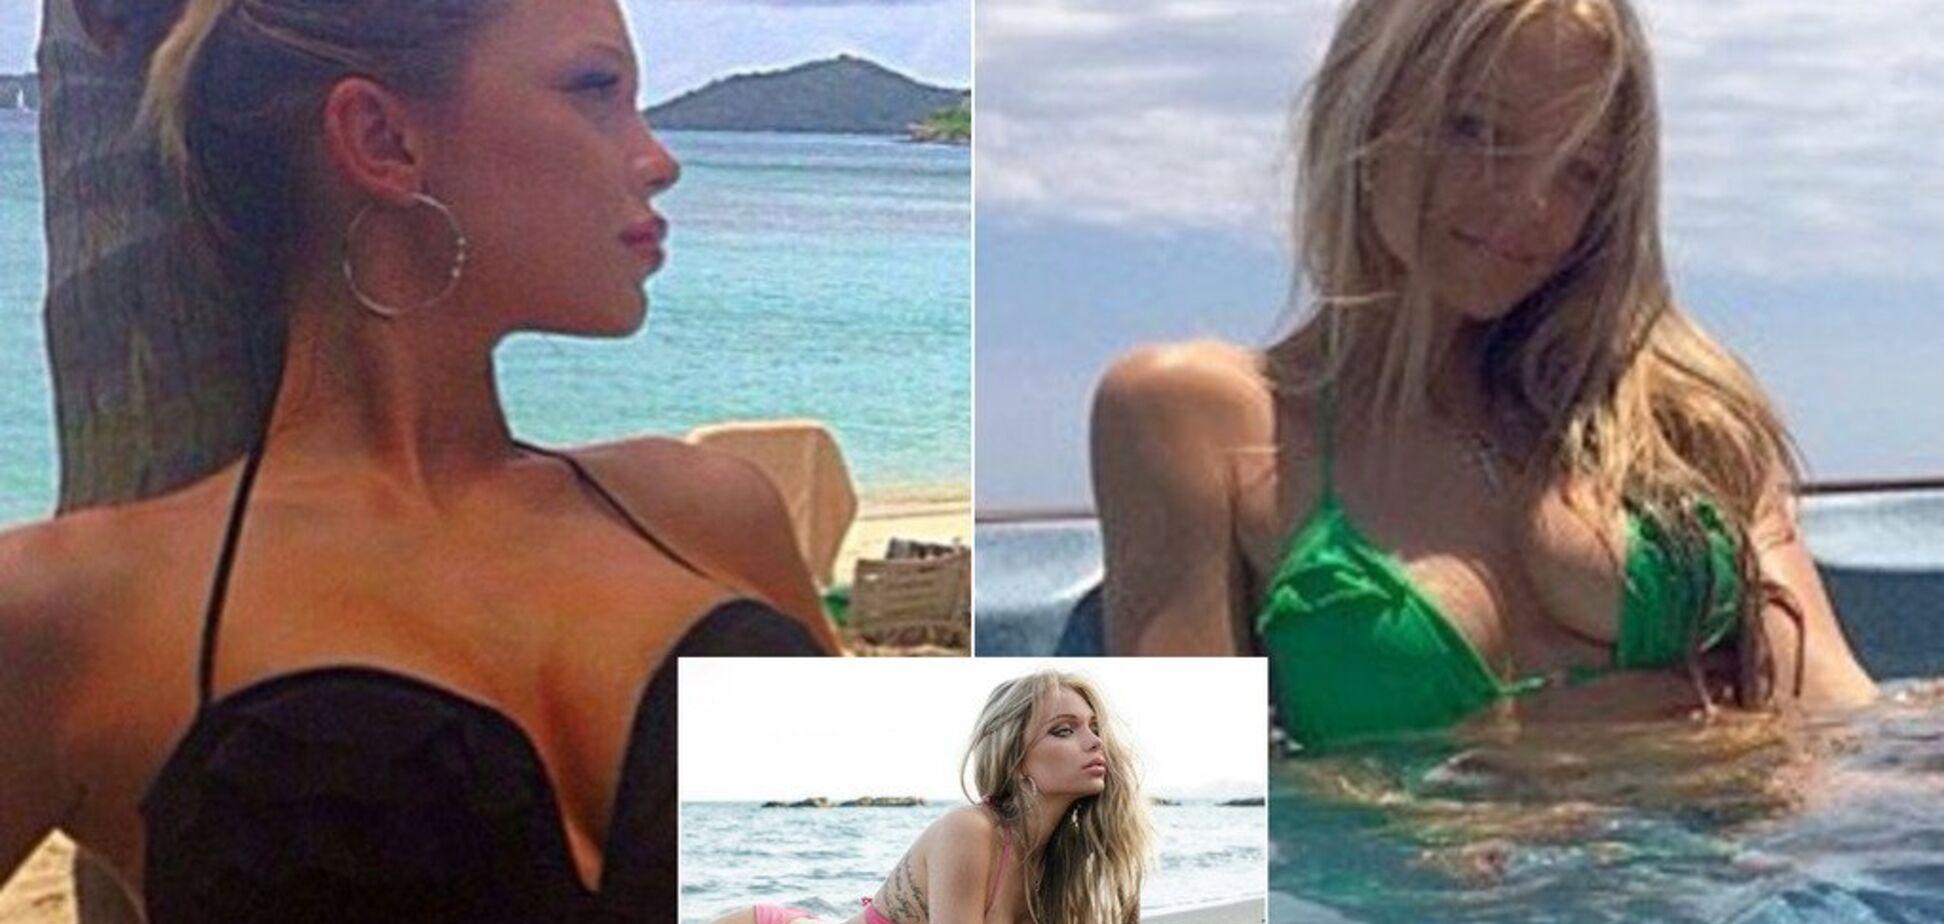 Российскую модель арестовали за 'изнасилование' футболистом 'Милана'